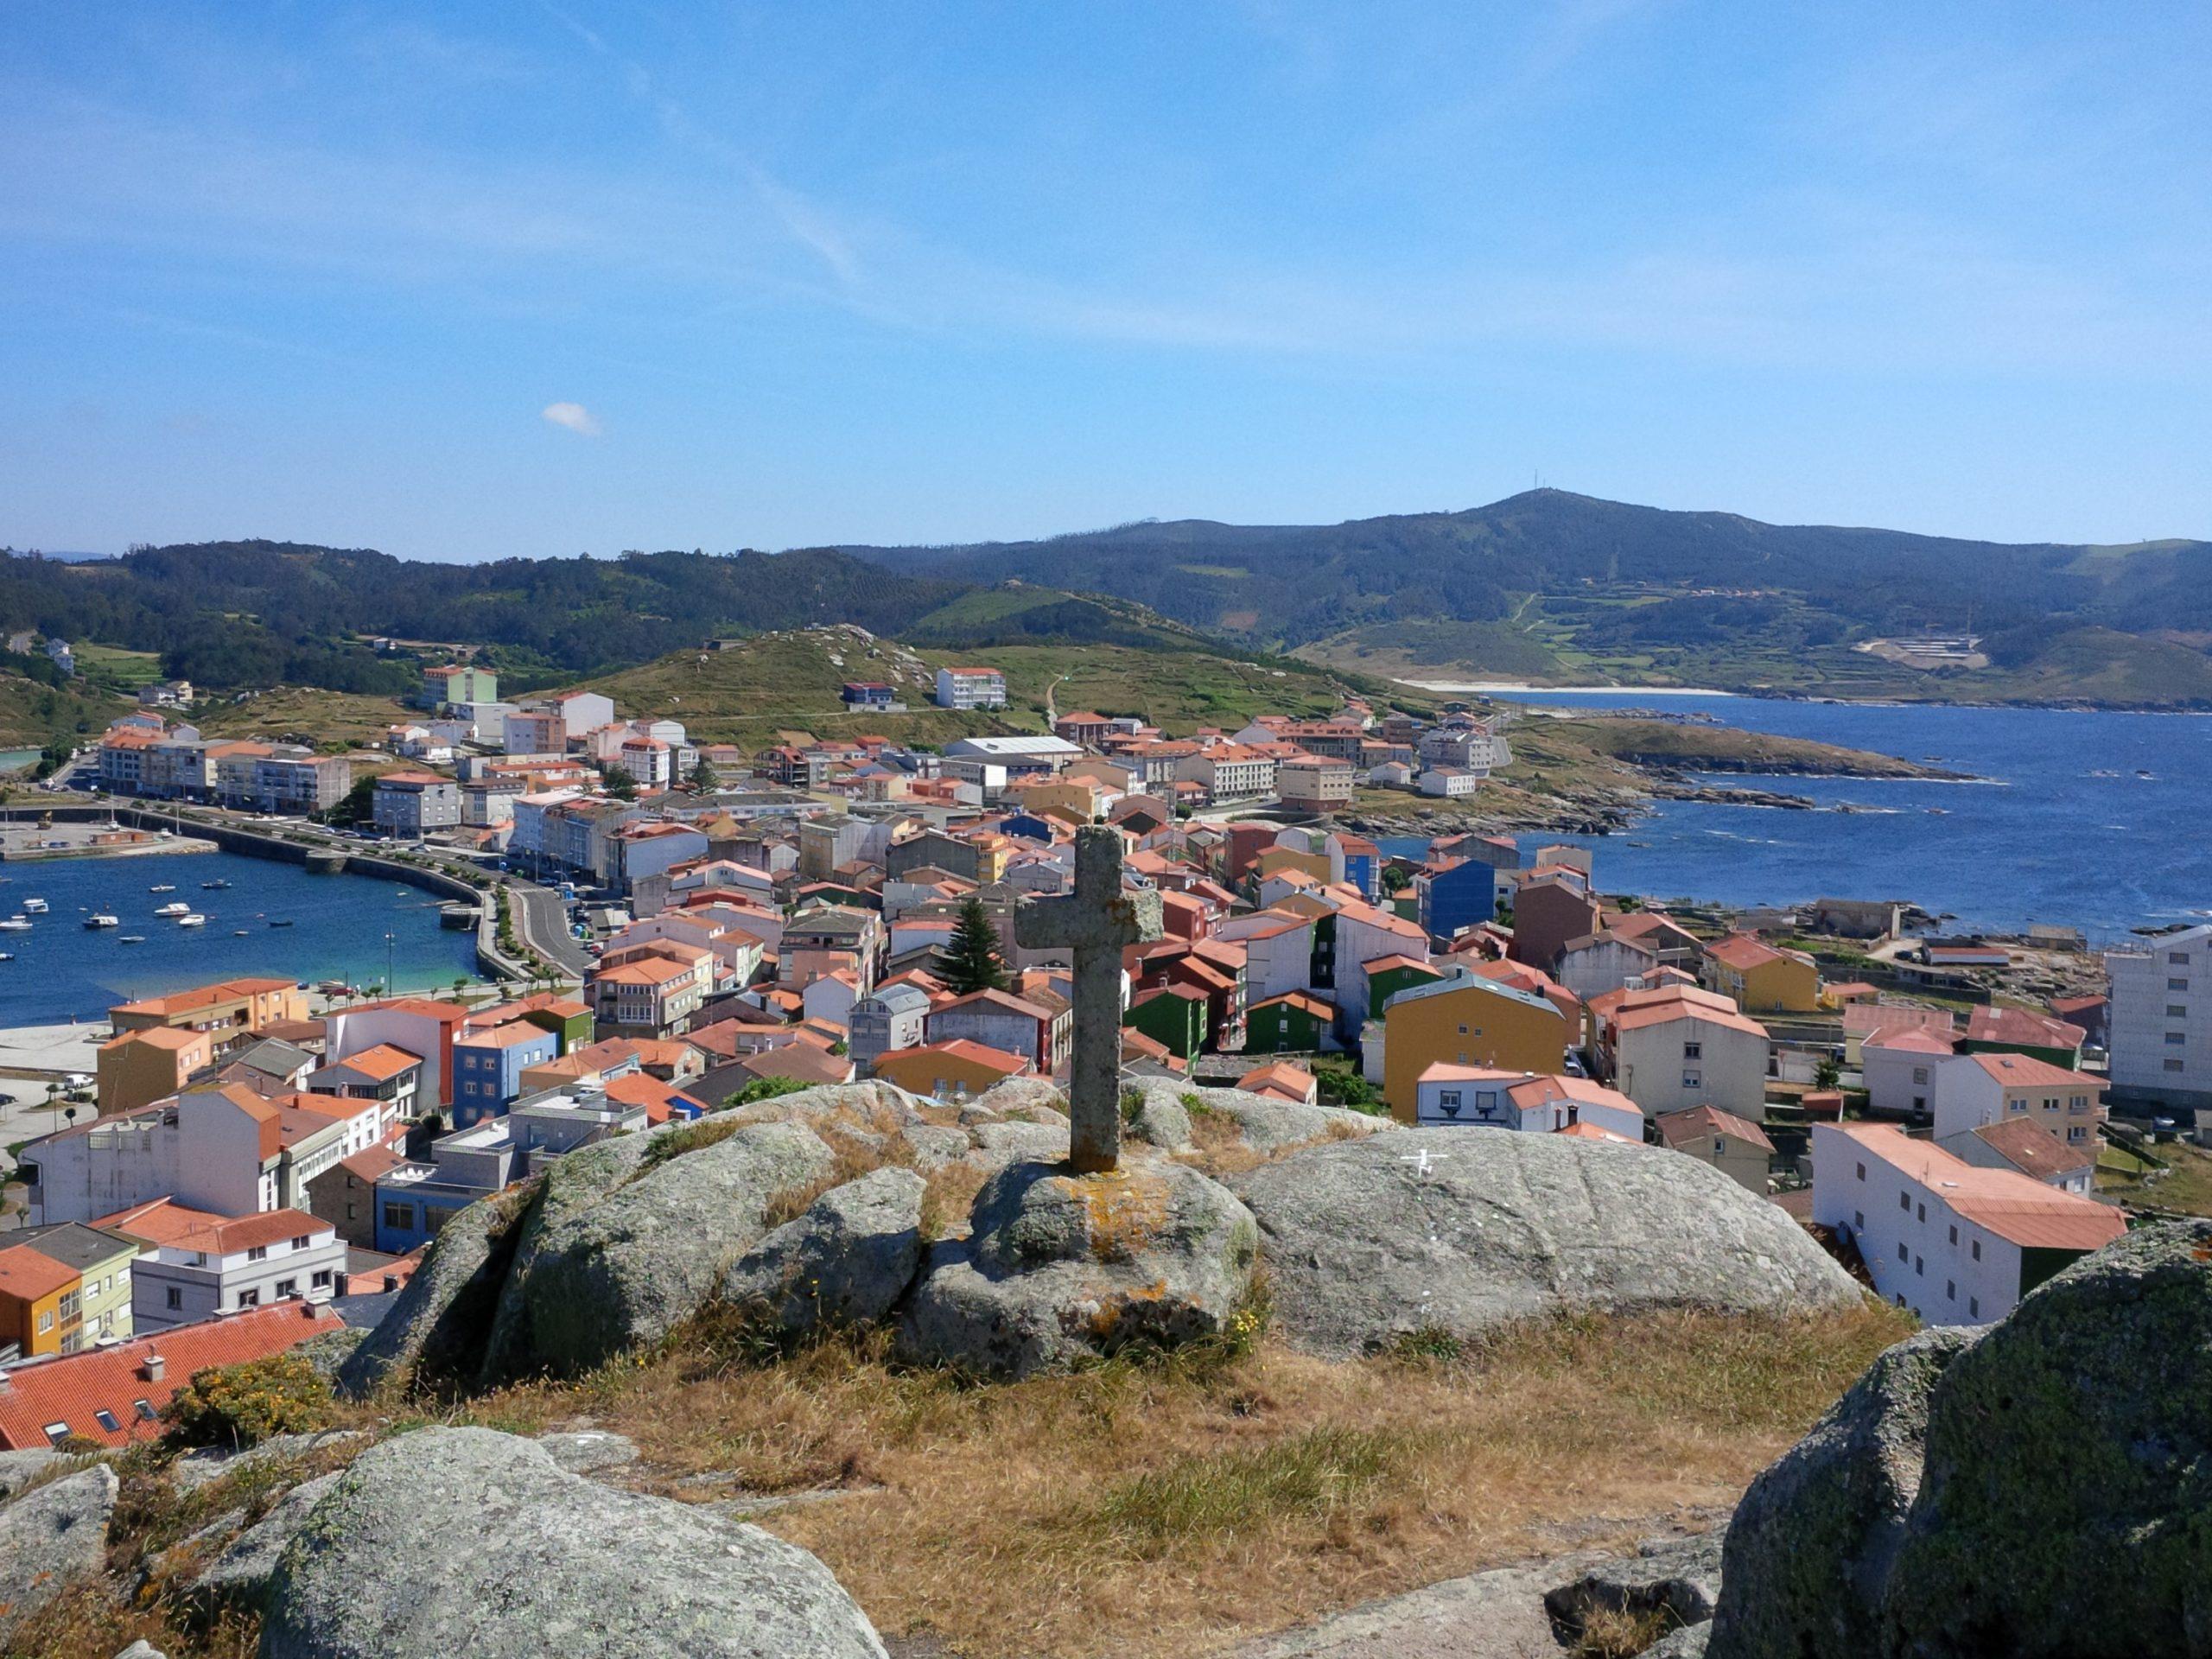 Camino Finisterre Muxia Wandelen Naar Het Einde Van De Wereld 9 Dg